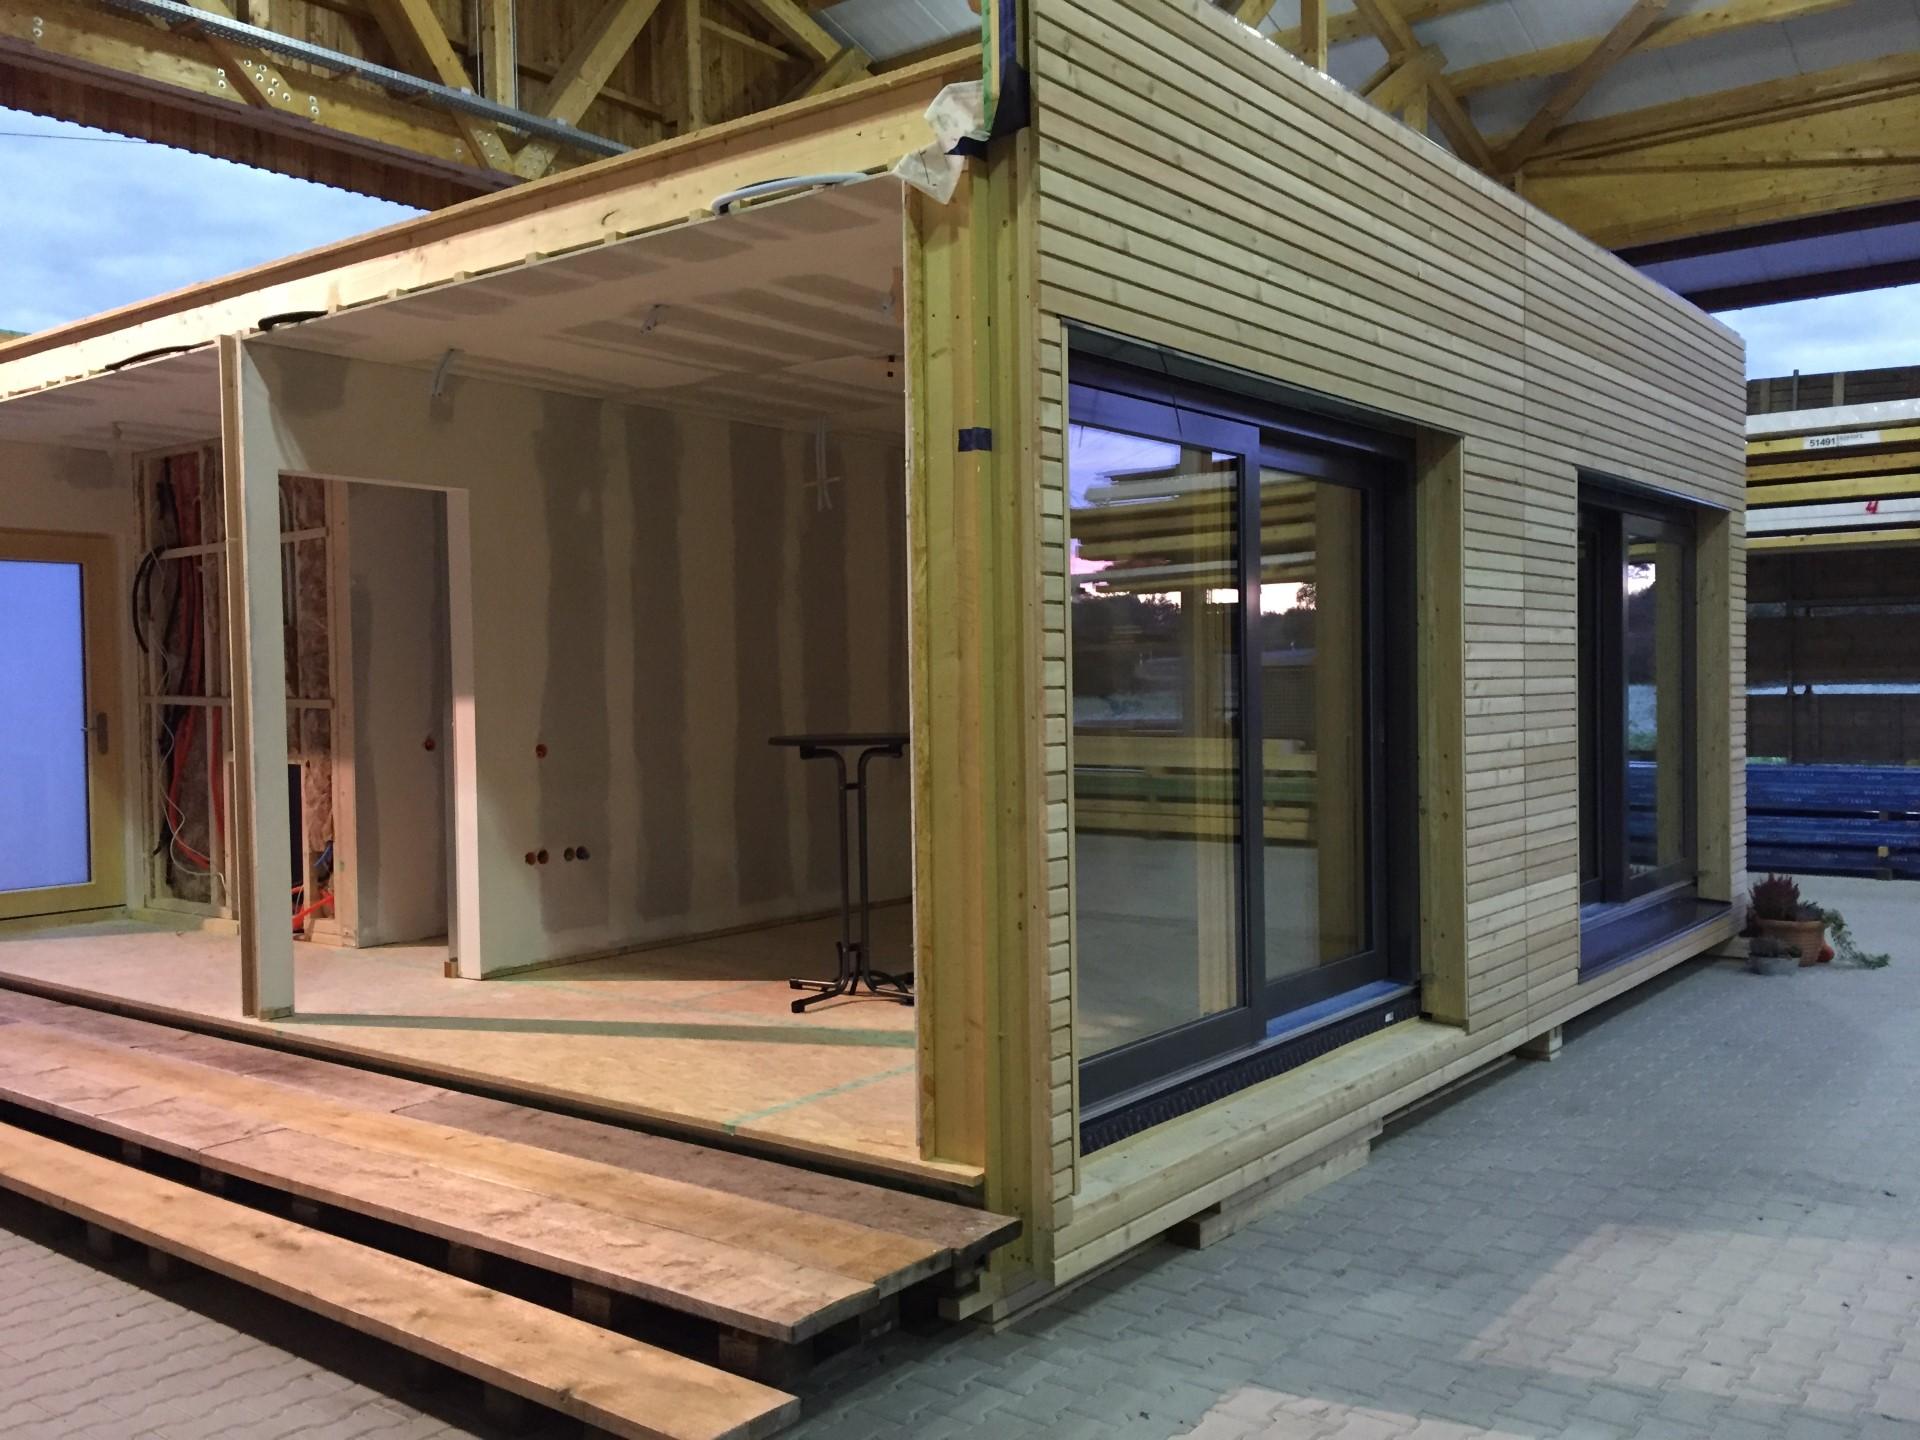 modulbau zimmerei edhofer josef in marktl. Black Bedroom Furniture Sets. Home Design Ideas